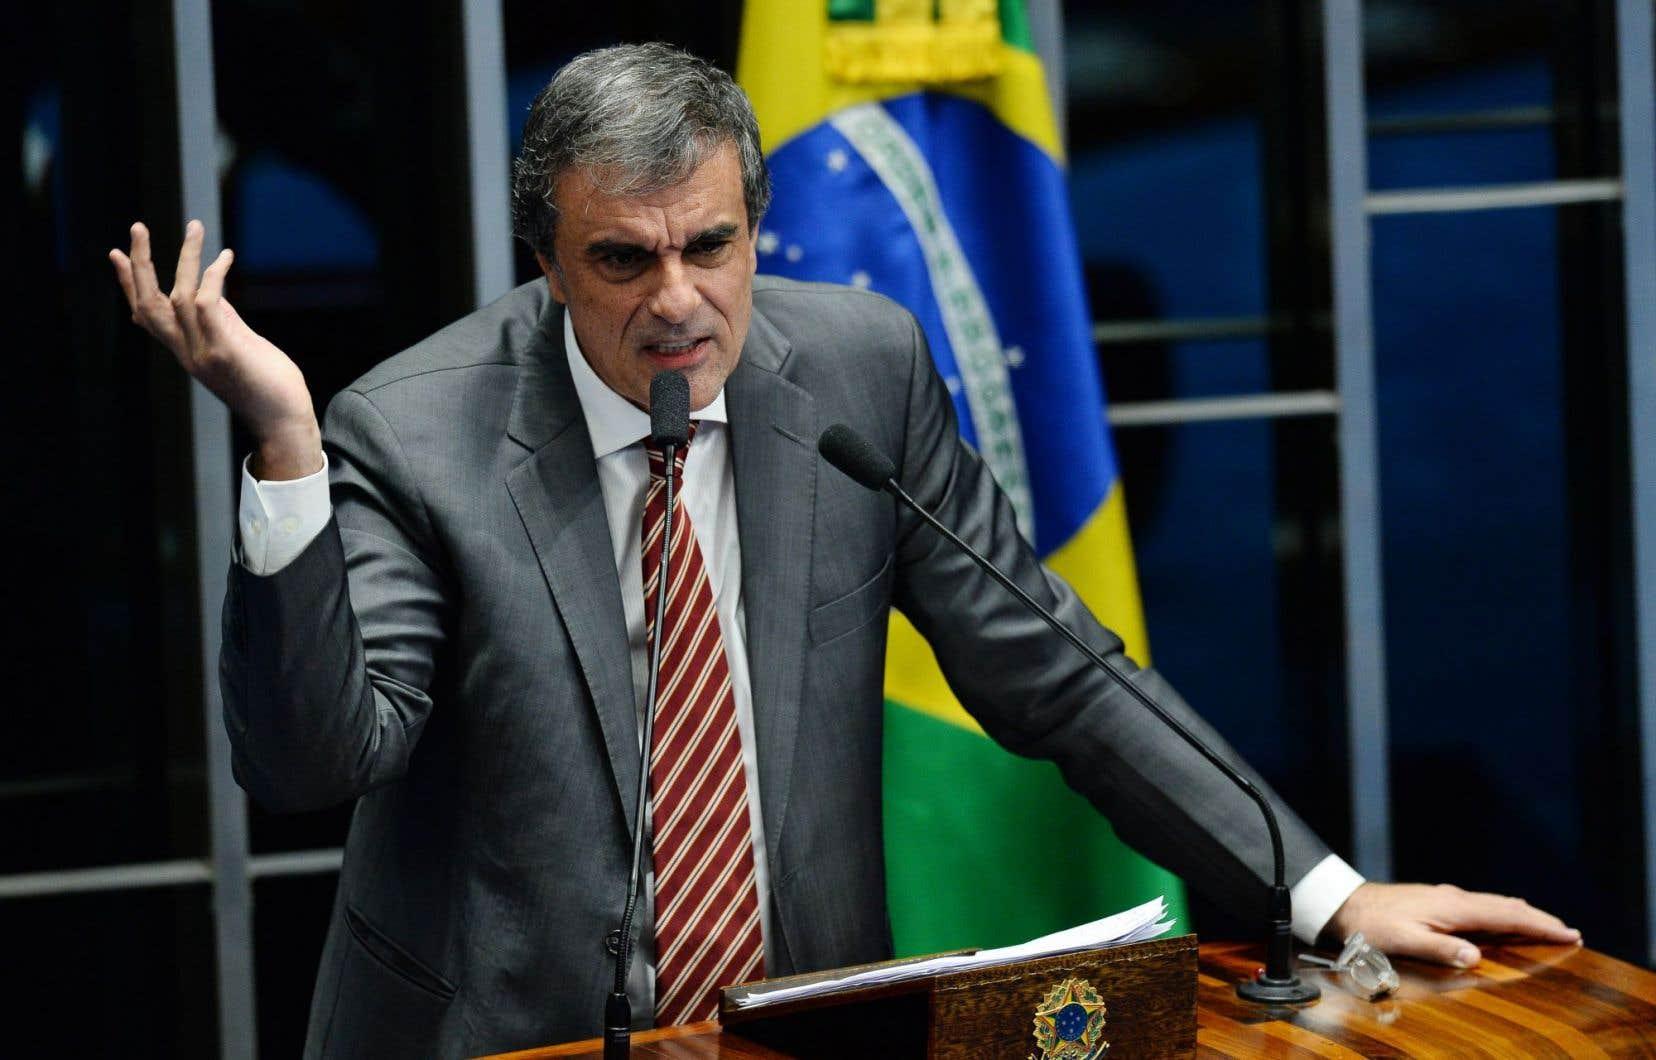 L'avocat de la défense et ancien ministre de la Justice, José Eduardo Cardozo, a affirmé que Dilma Rousseff était menacée de destitution.